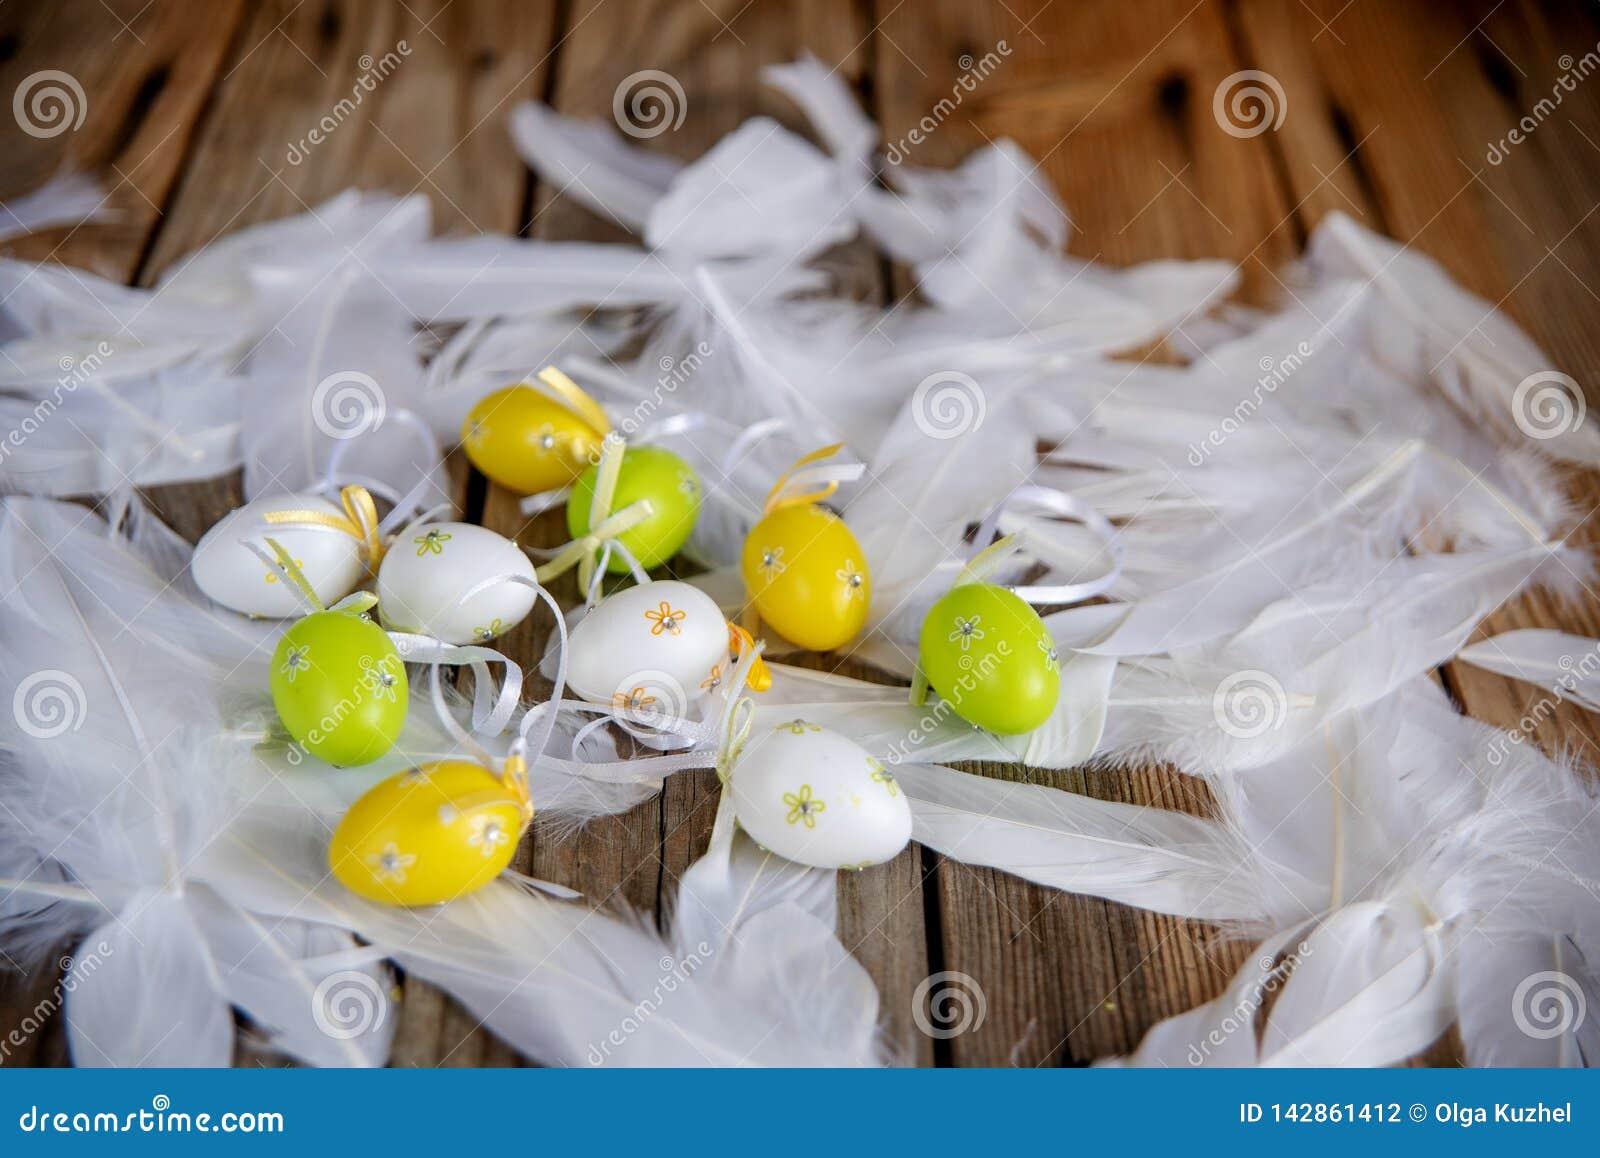 Декоративные пасхальные яйца с белыми пер на деревянной предпосылке